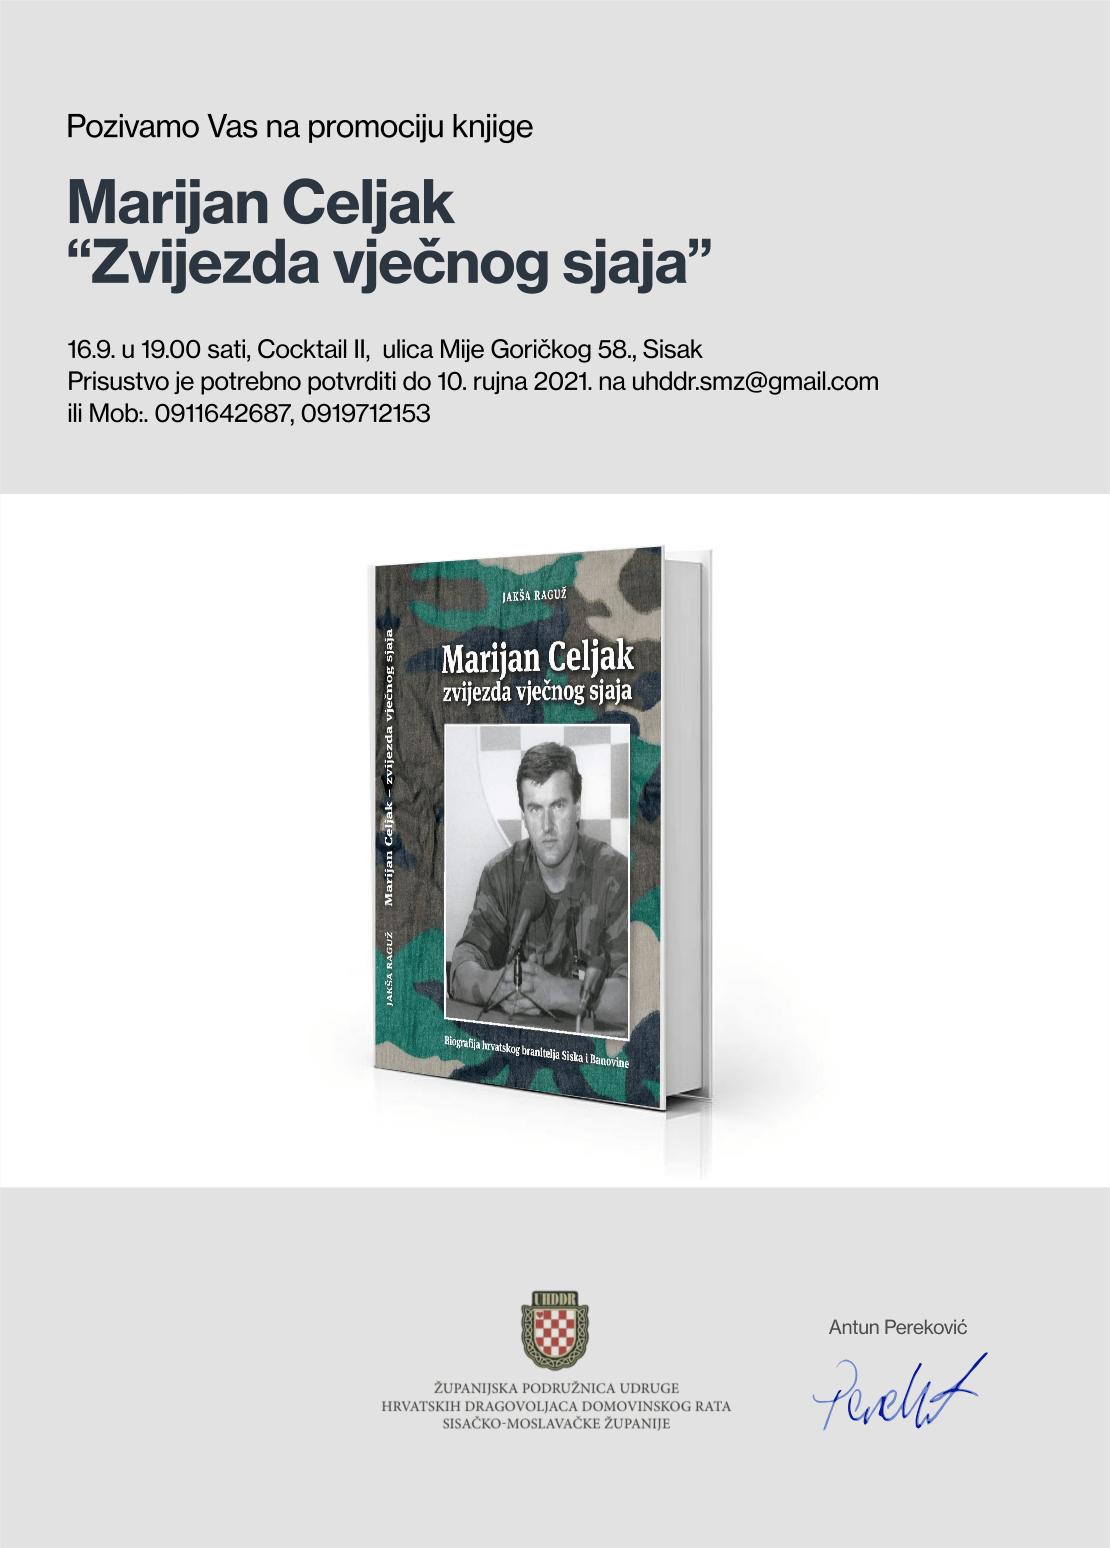 Promocija knjige Marijan Celjak zvijezda vječnog sjaja